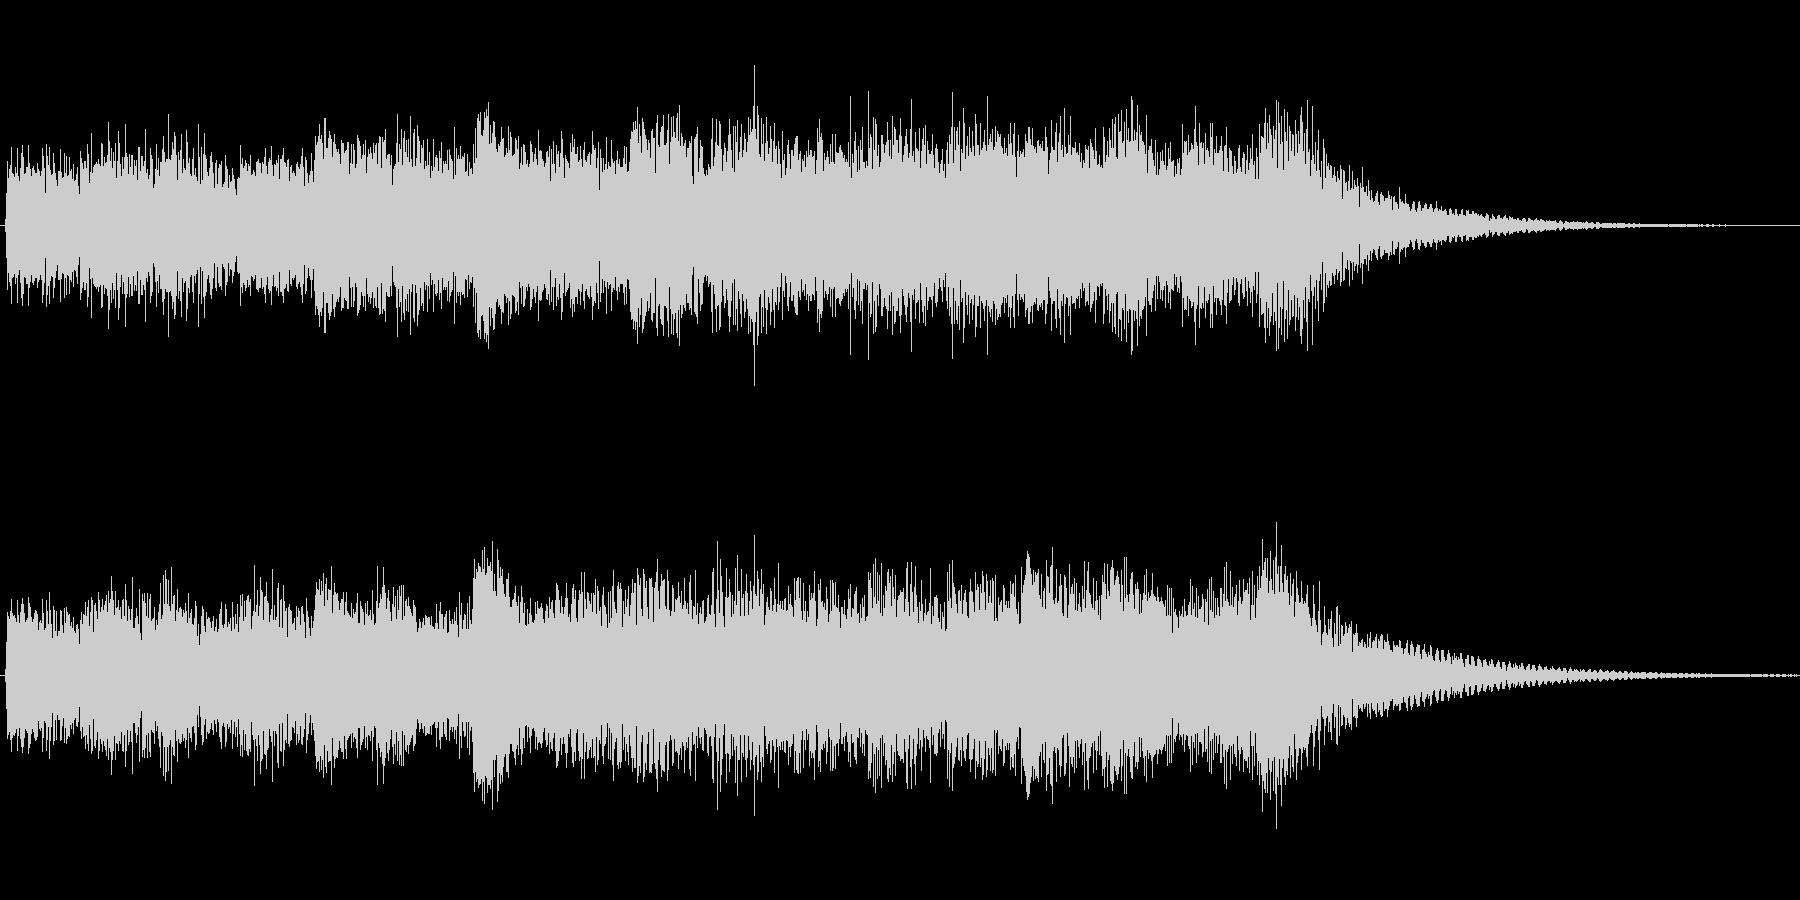 オルゴール音のチャイムの未再生の波形